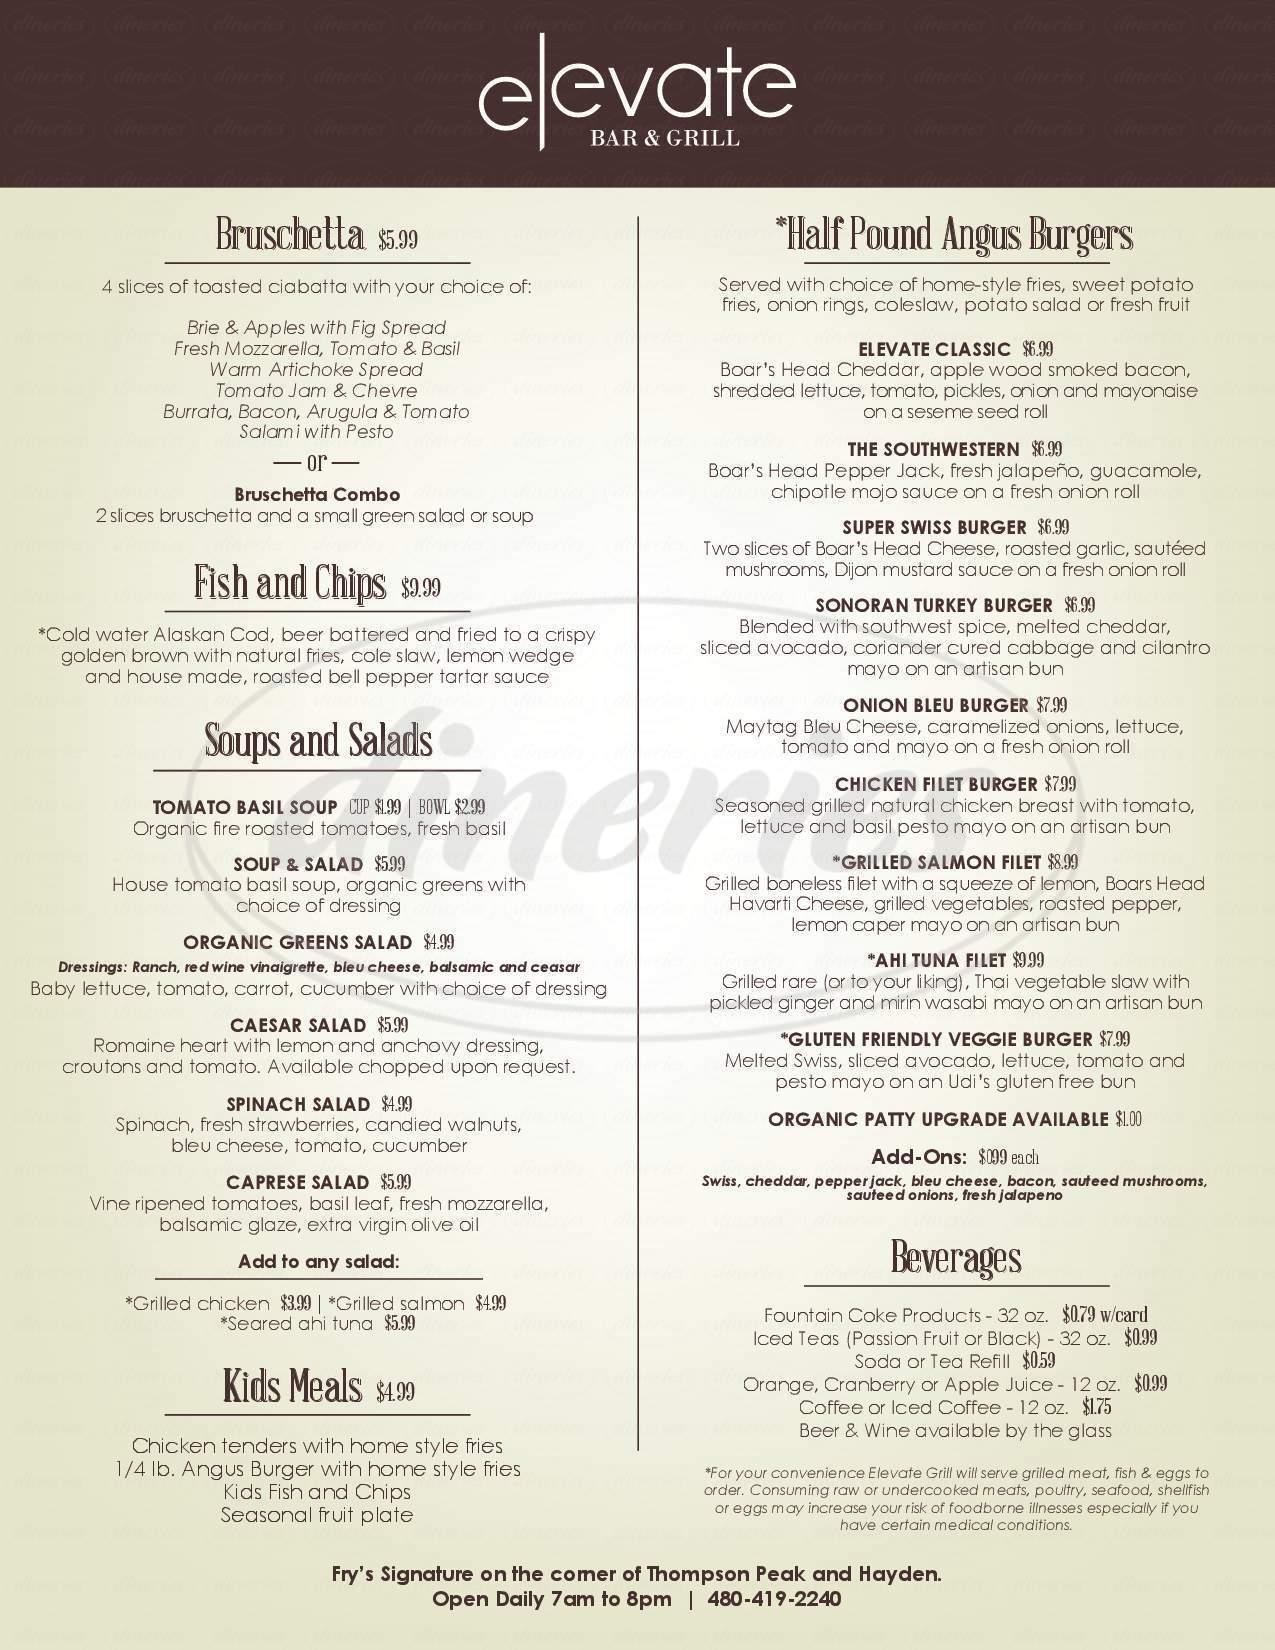 menu for Fry's